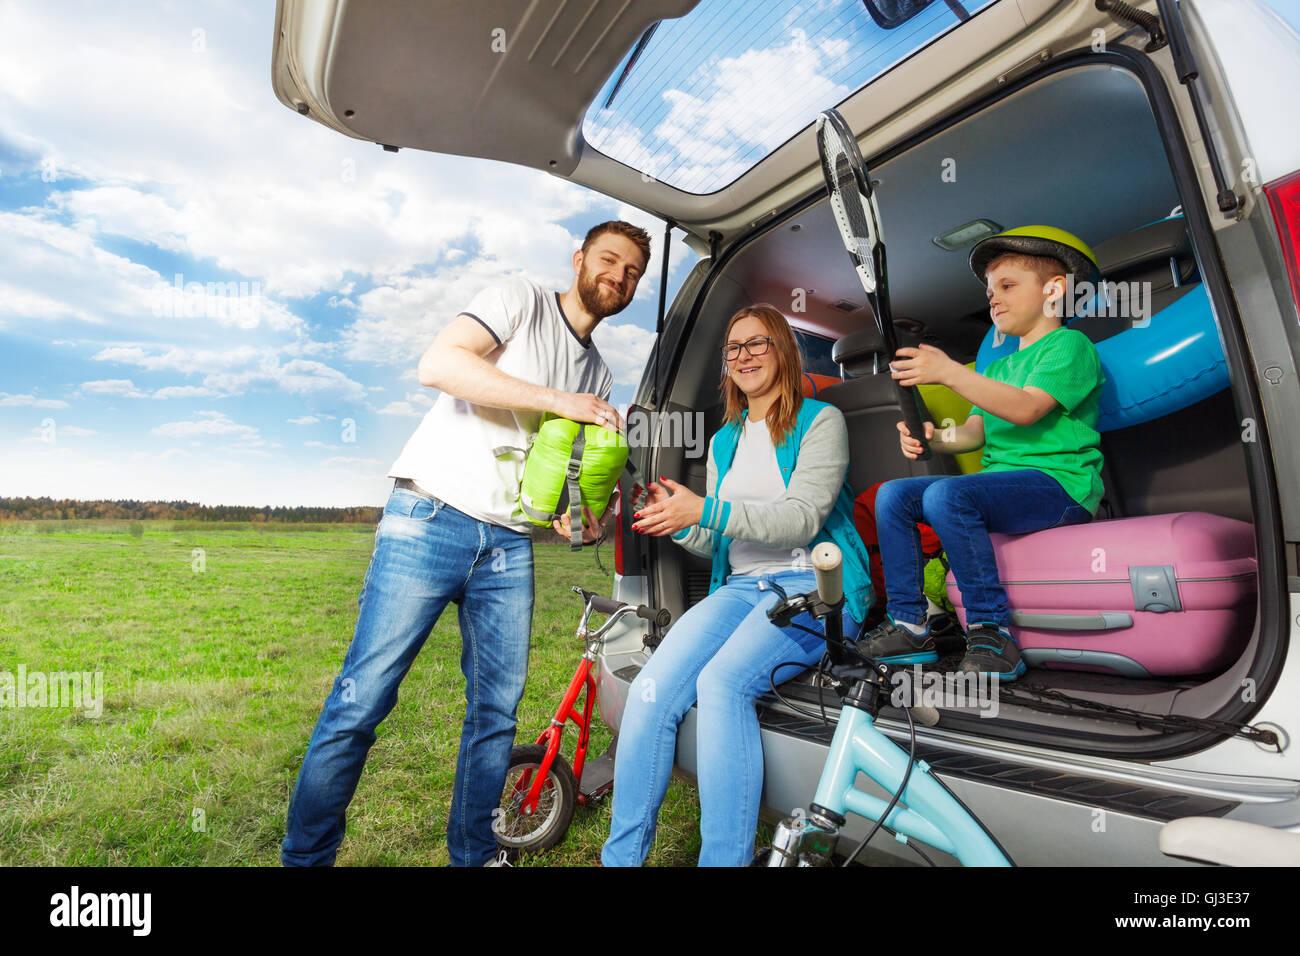 Jeune famille charger des bagages boot pour la voiture Photo Stock